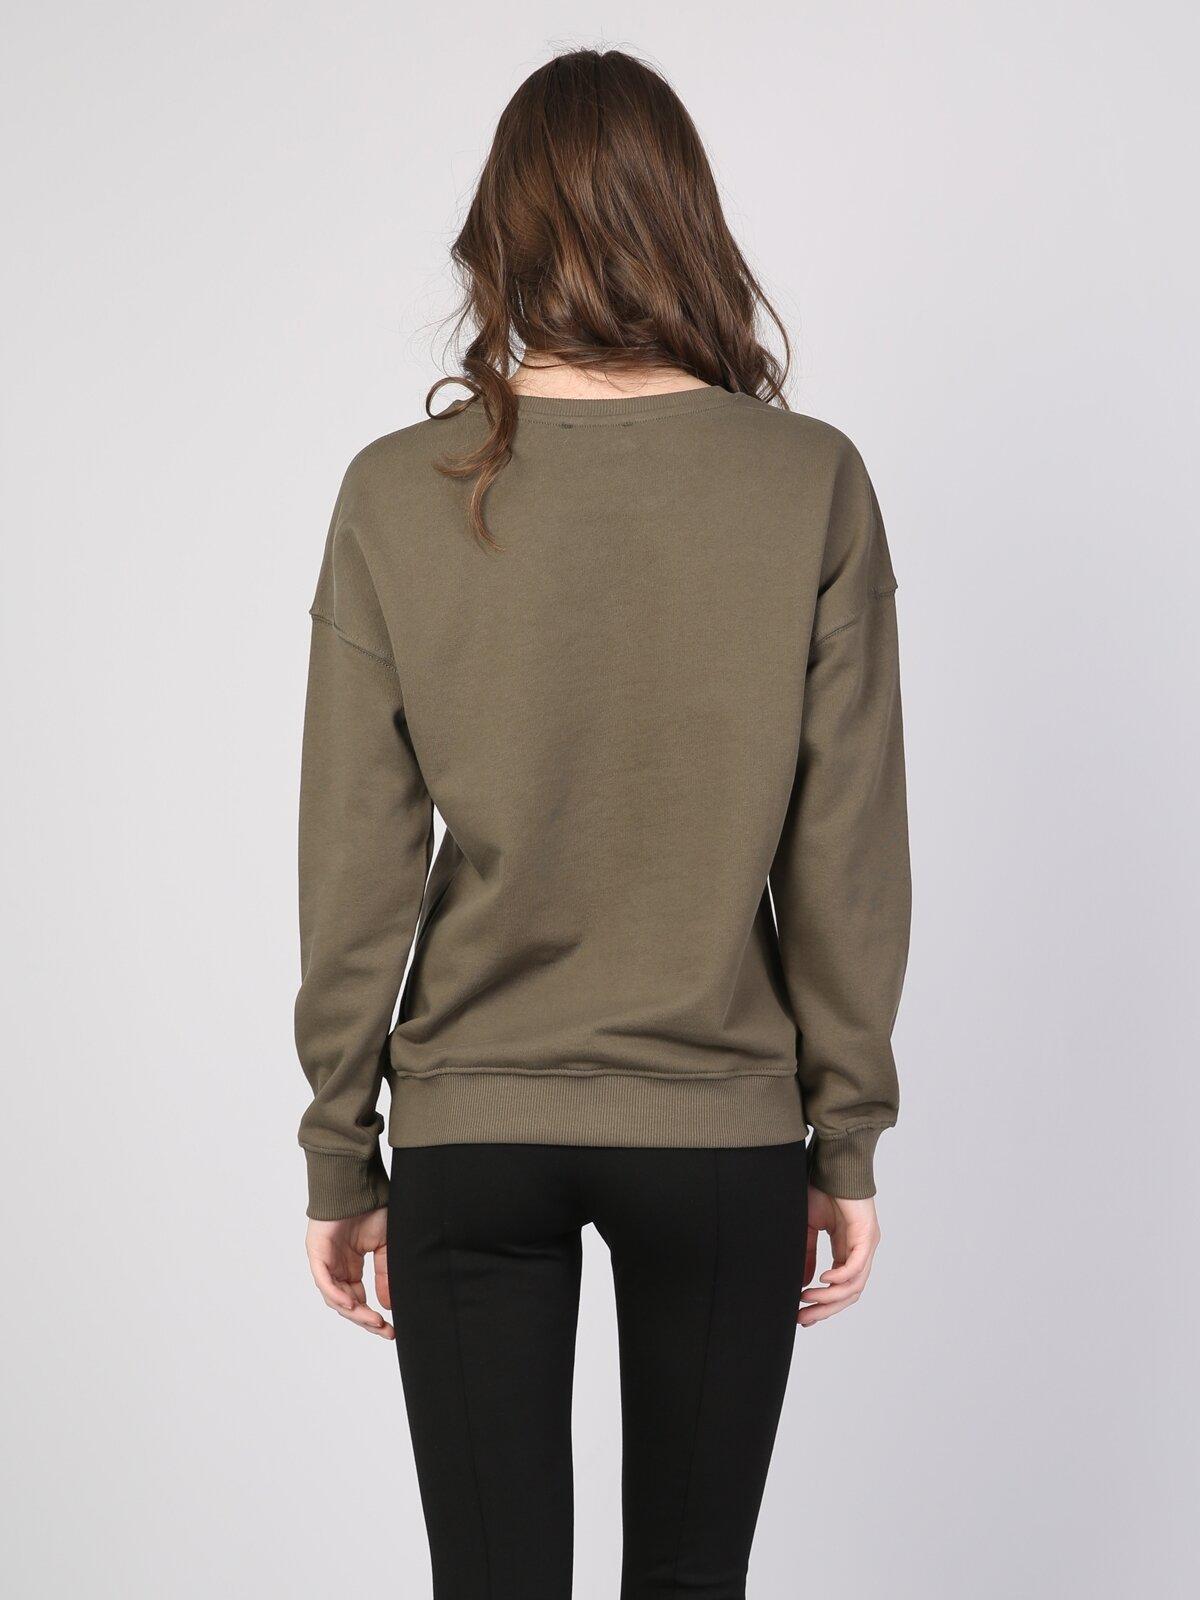 Haki Baskılı Uzun Kol Sweatshirt